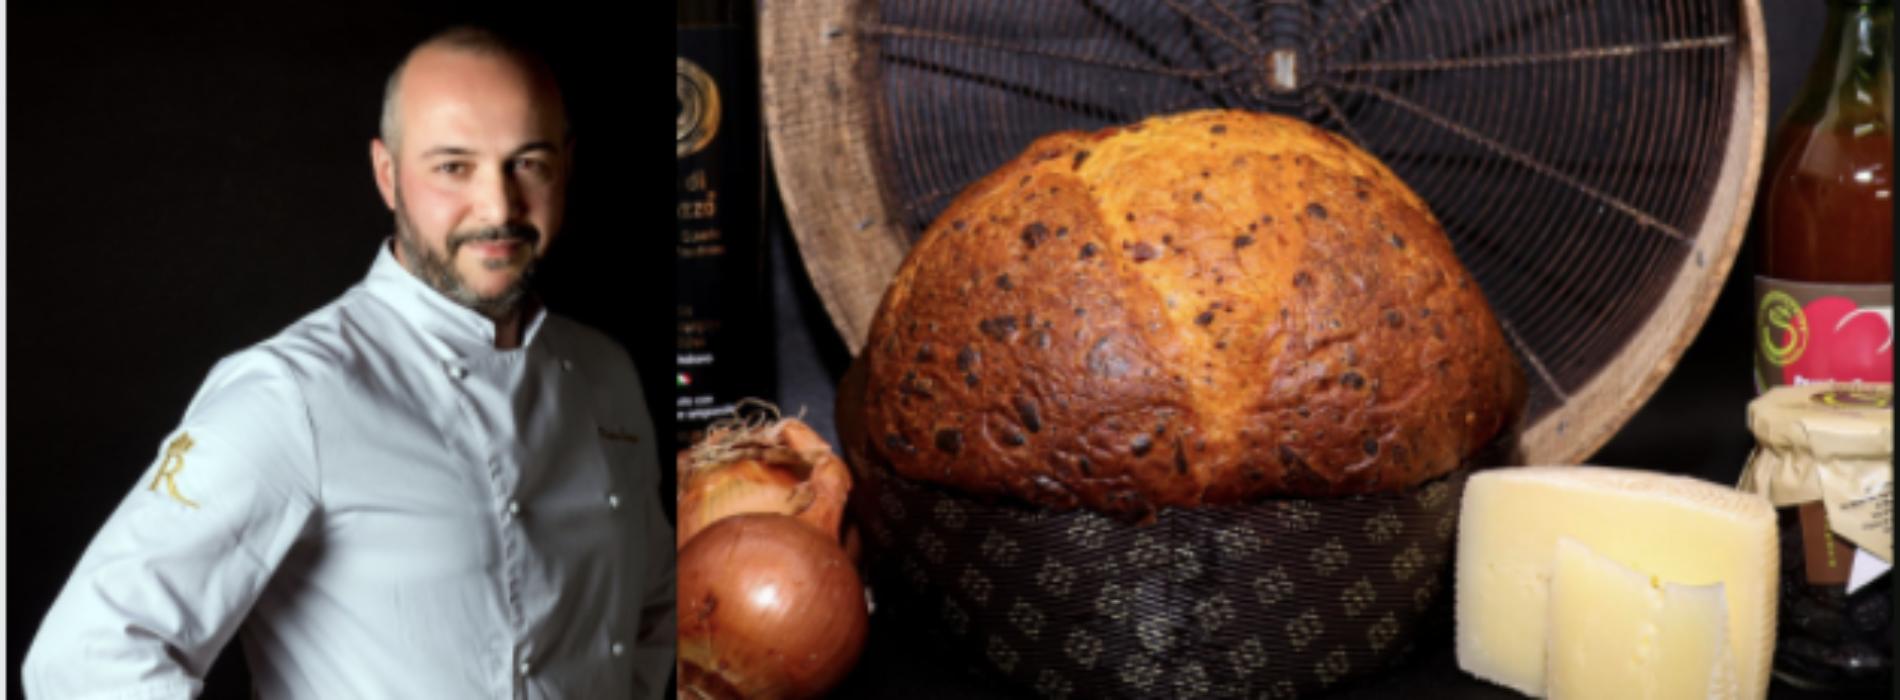 Il pan ruralis di Pietro Sparago, un panettone salato e vincente